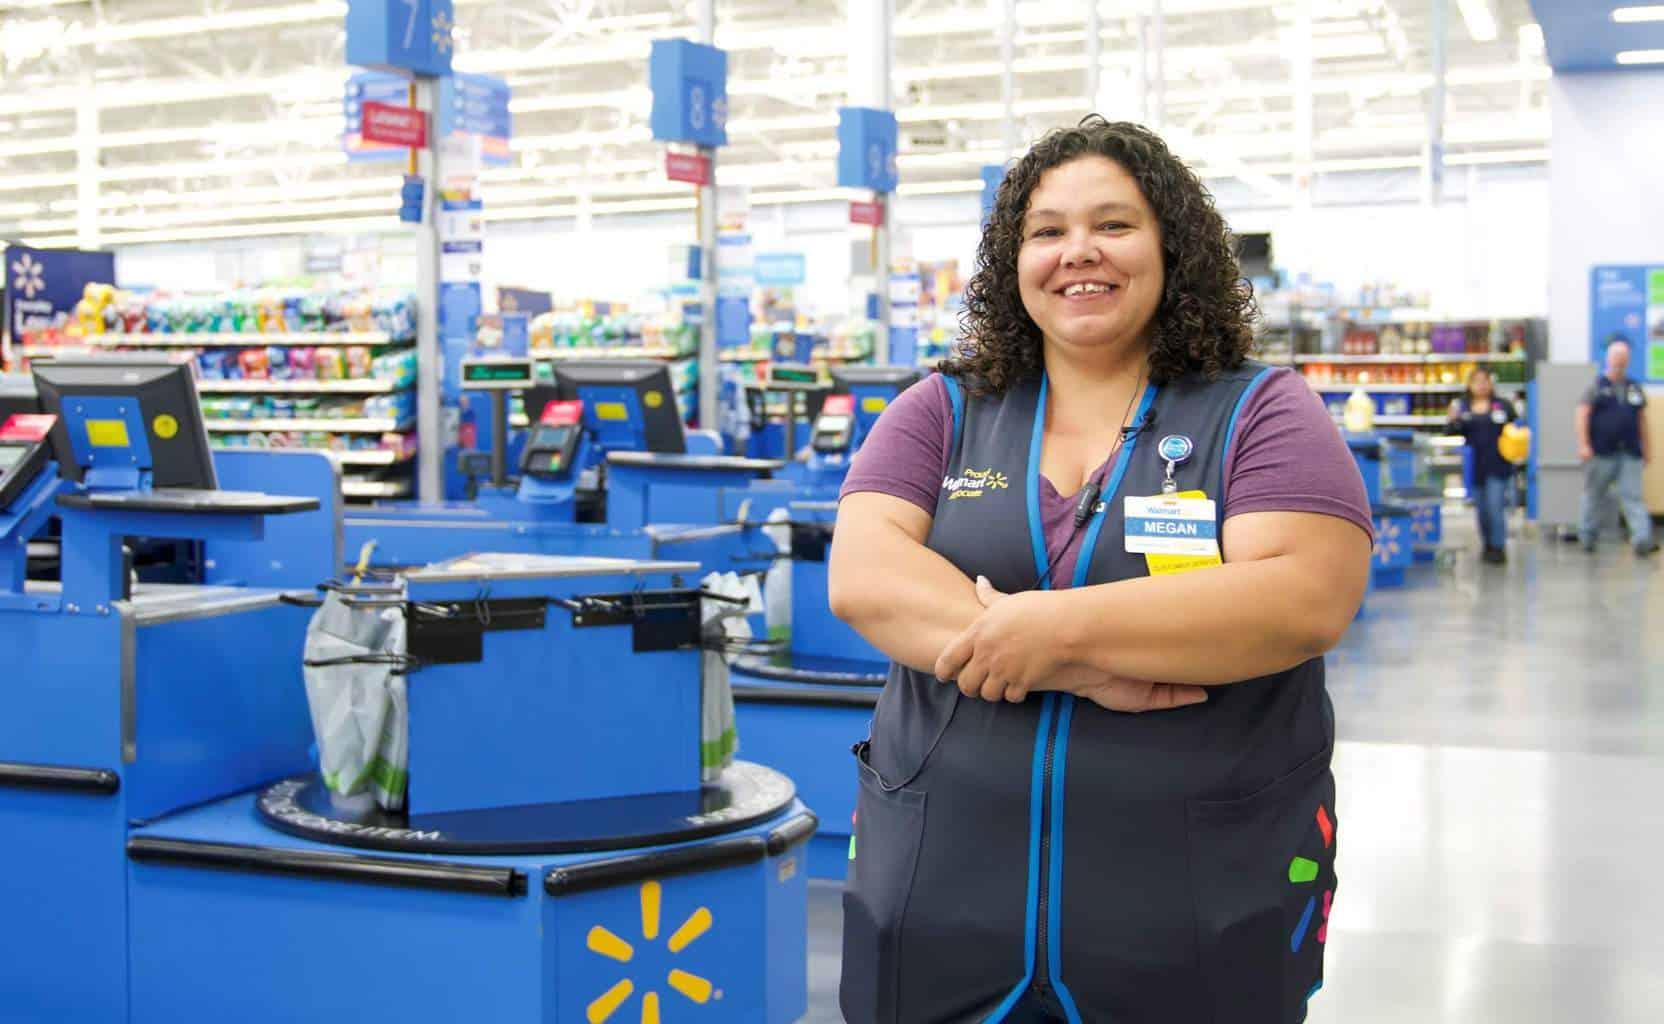 Walmart staff